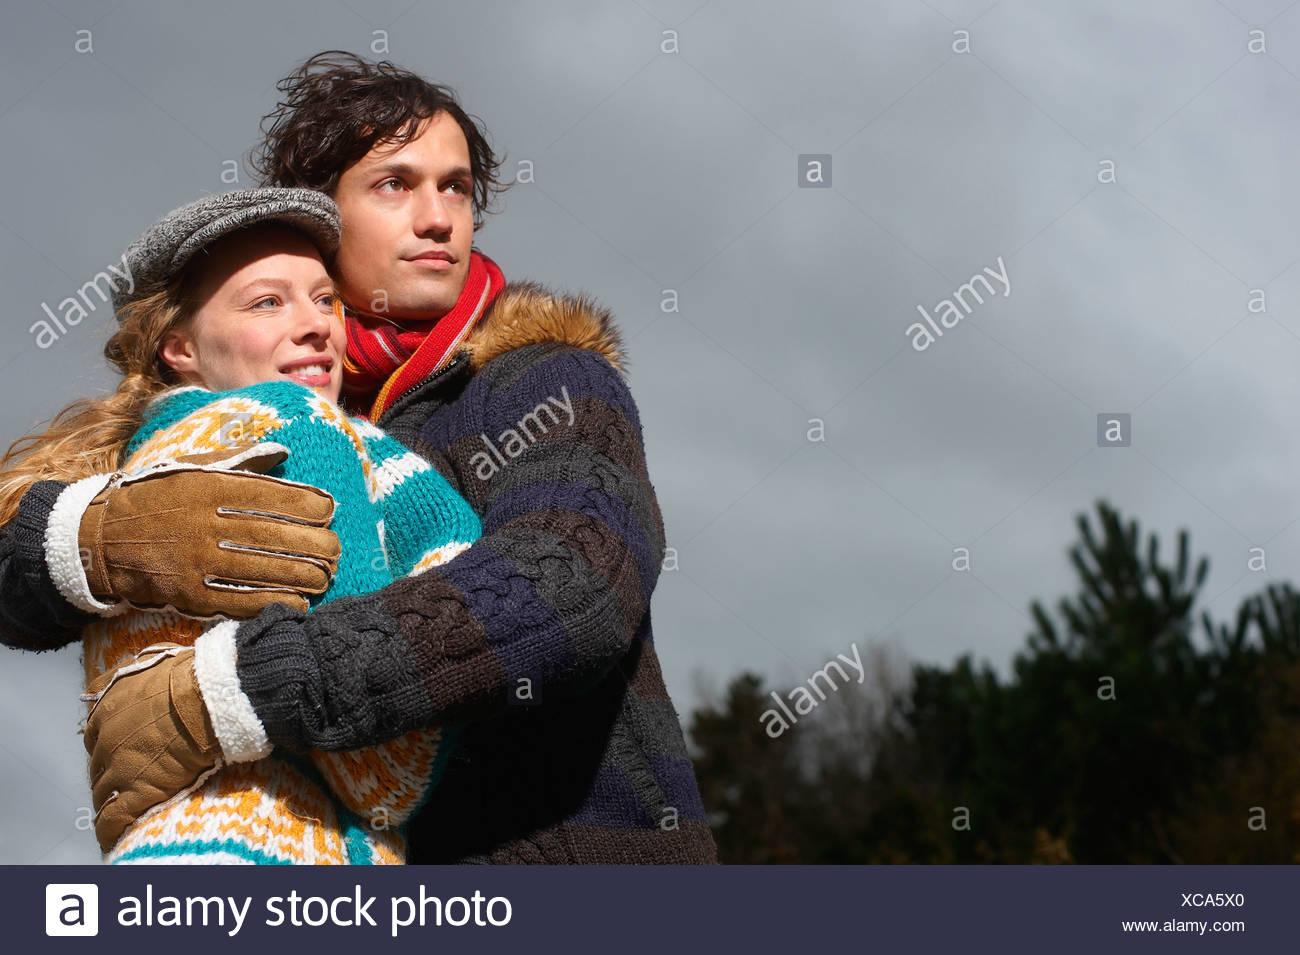 Un couple sur une froide journée hivers Photo Stock